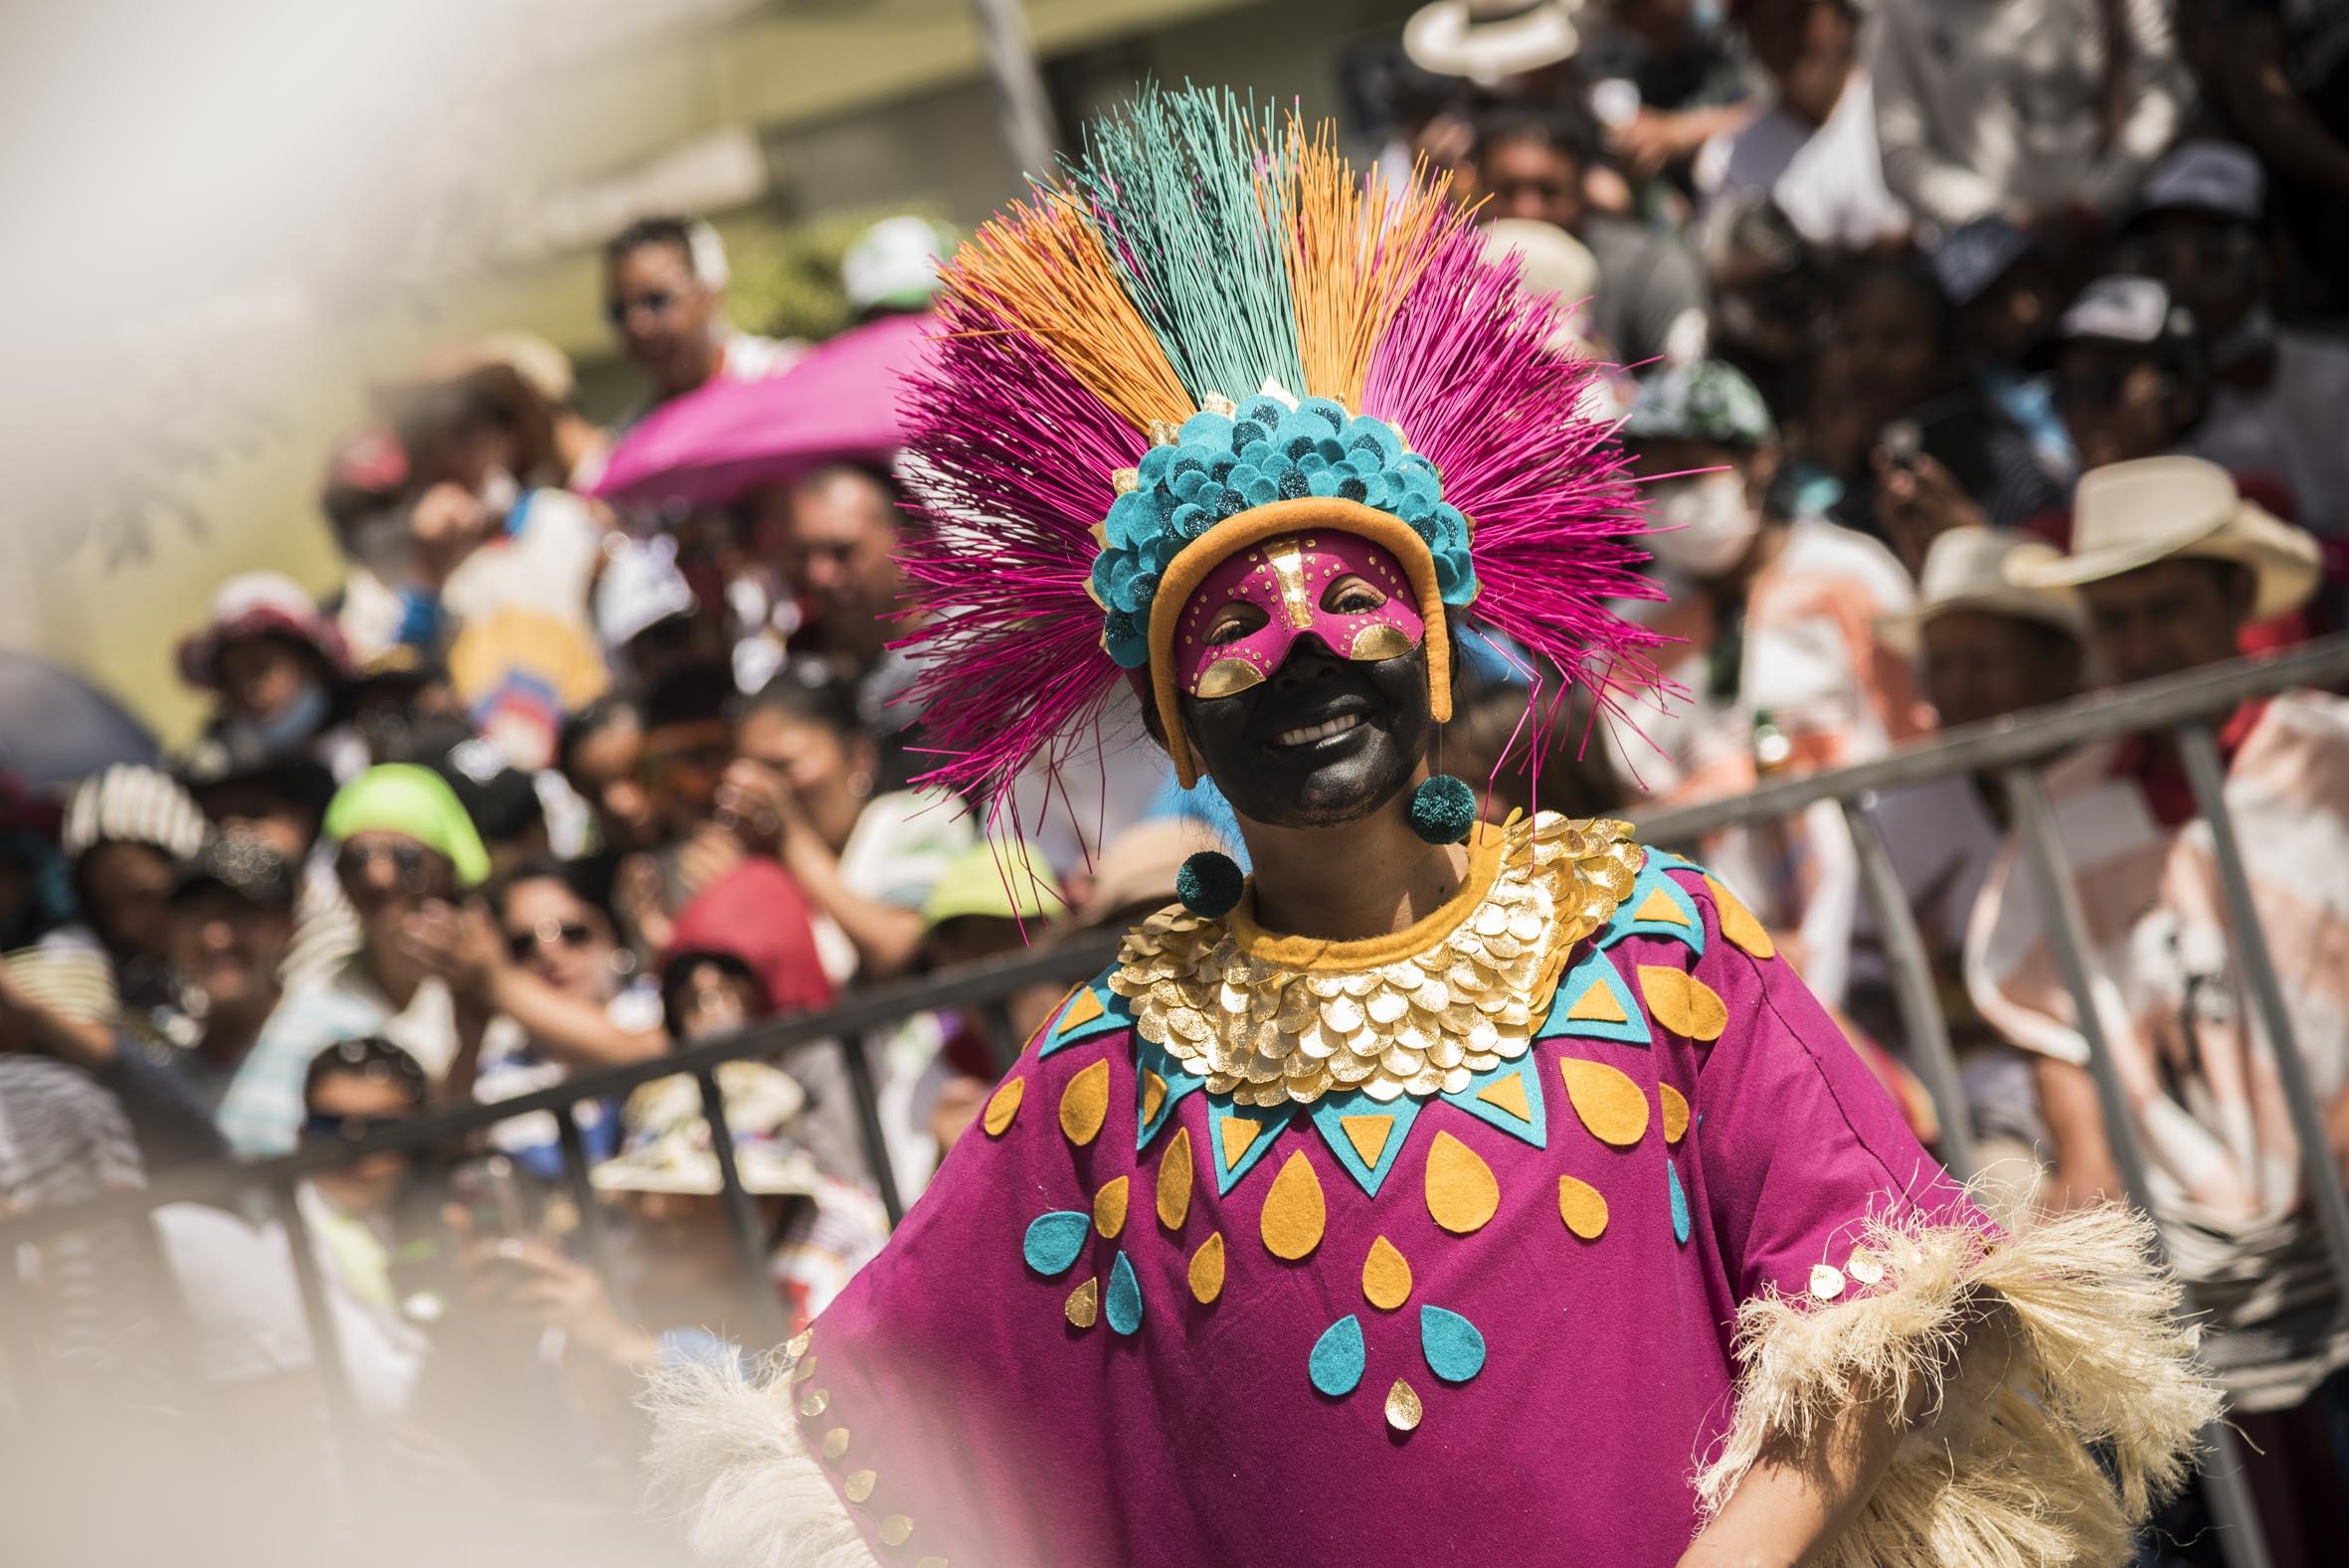 Fotos: Mariano Vimos-Carnaval de Negros y Blancos 2018